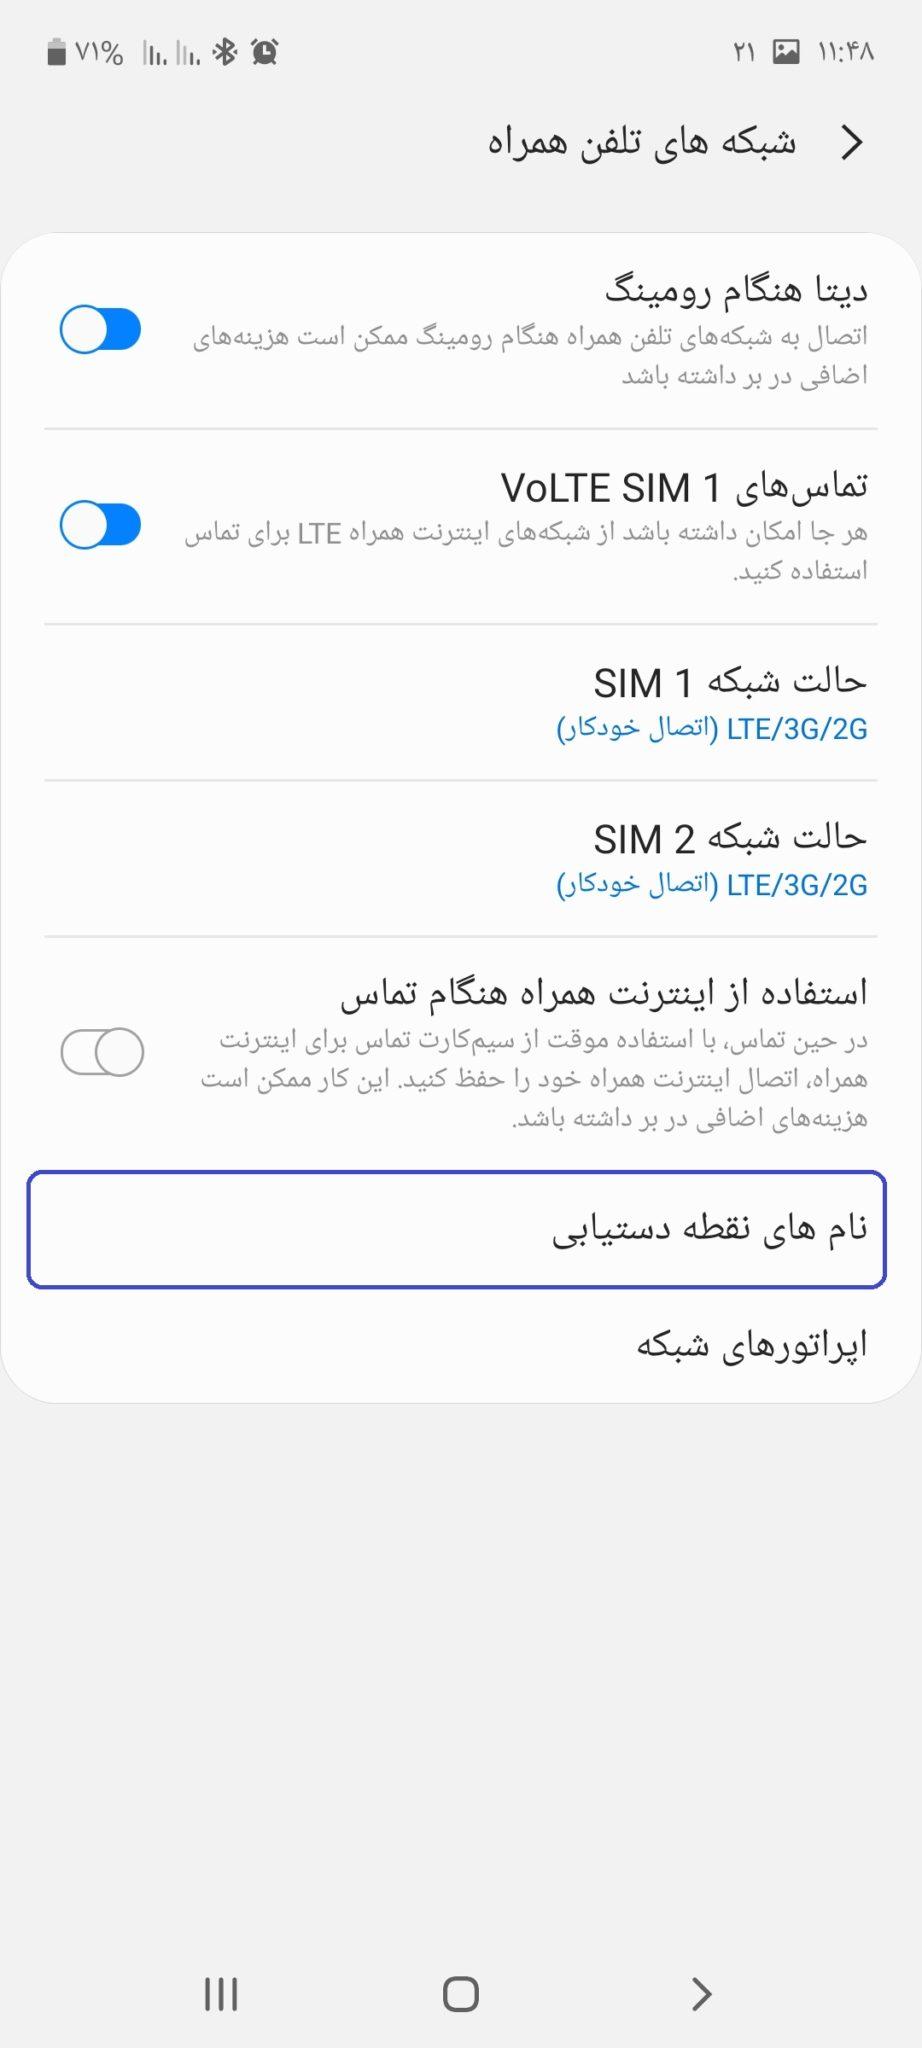 تنظیمات اینترنت همراه شاتل موبایل در سیستم عامل اندروید (Android) - شاتل  موبایل